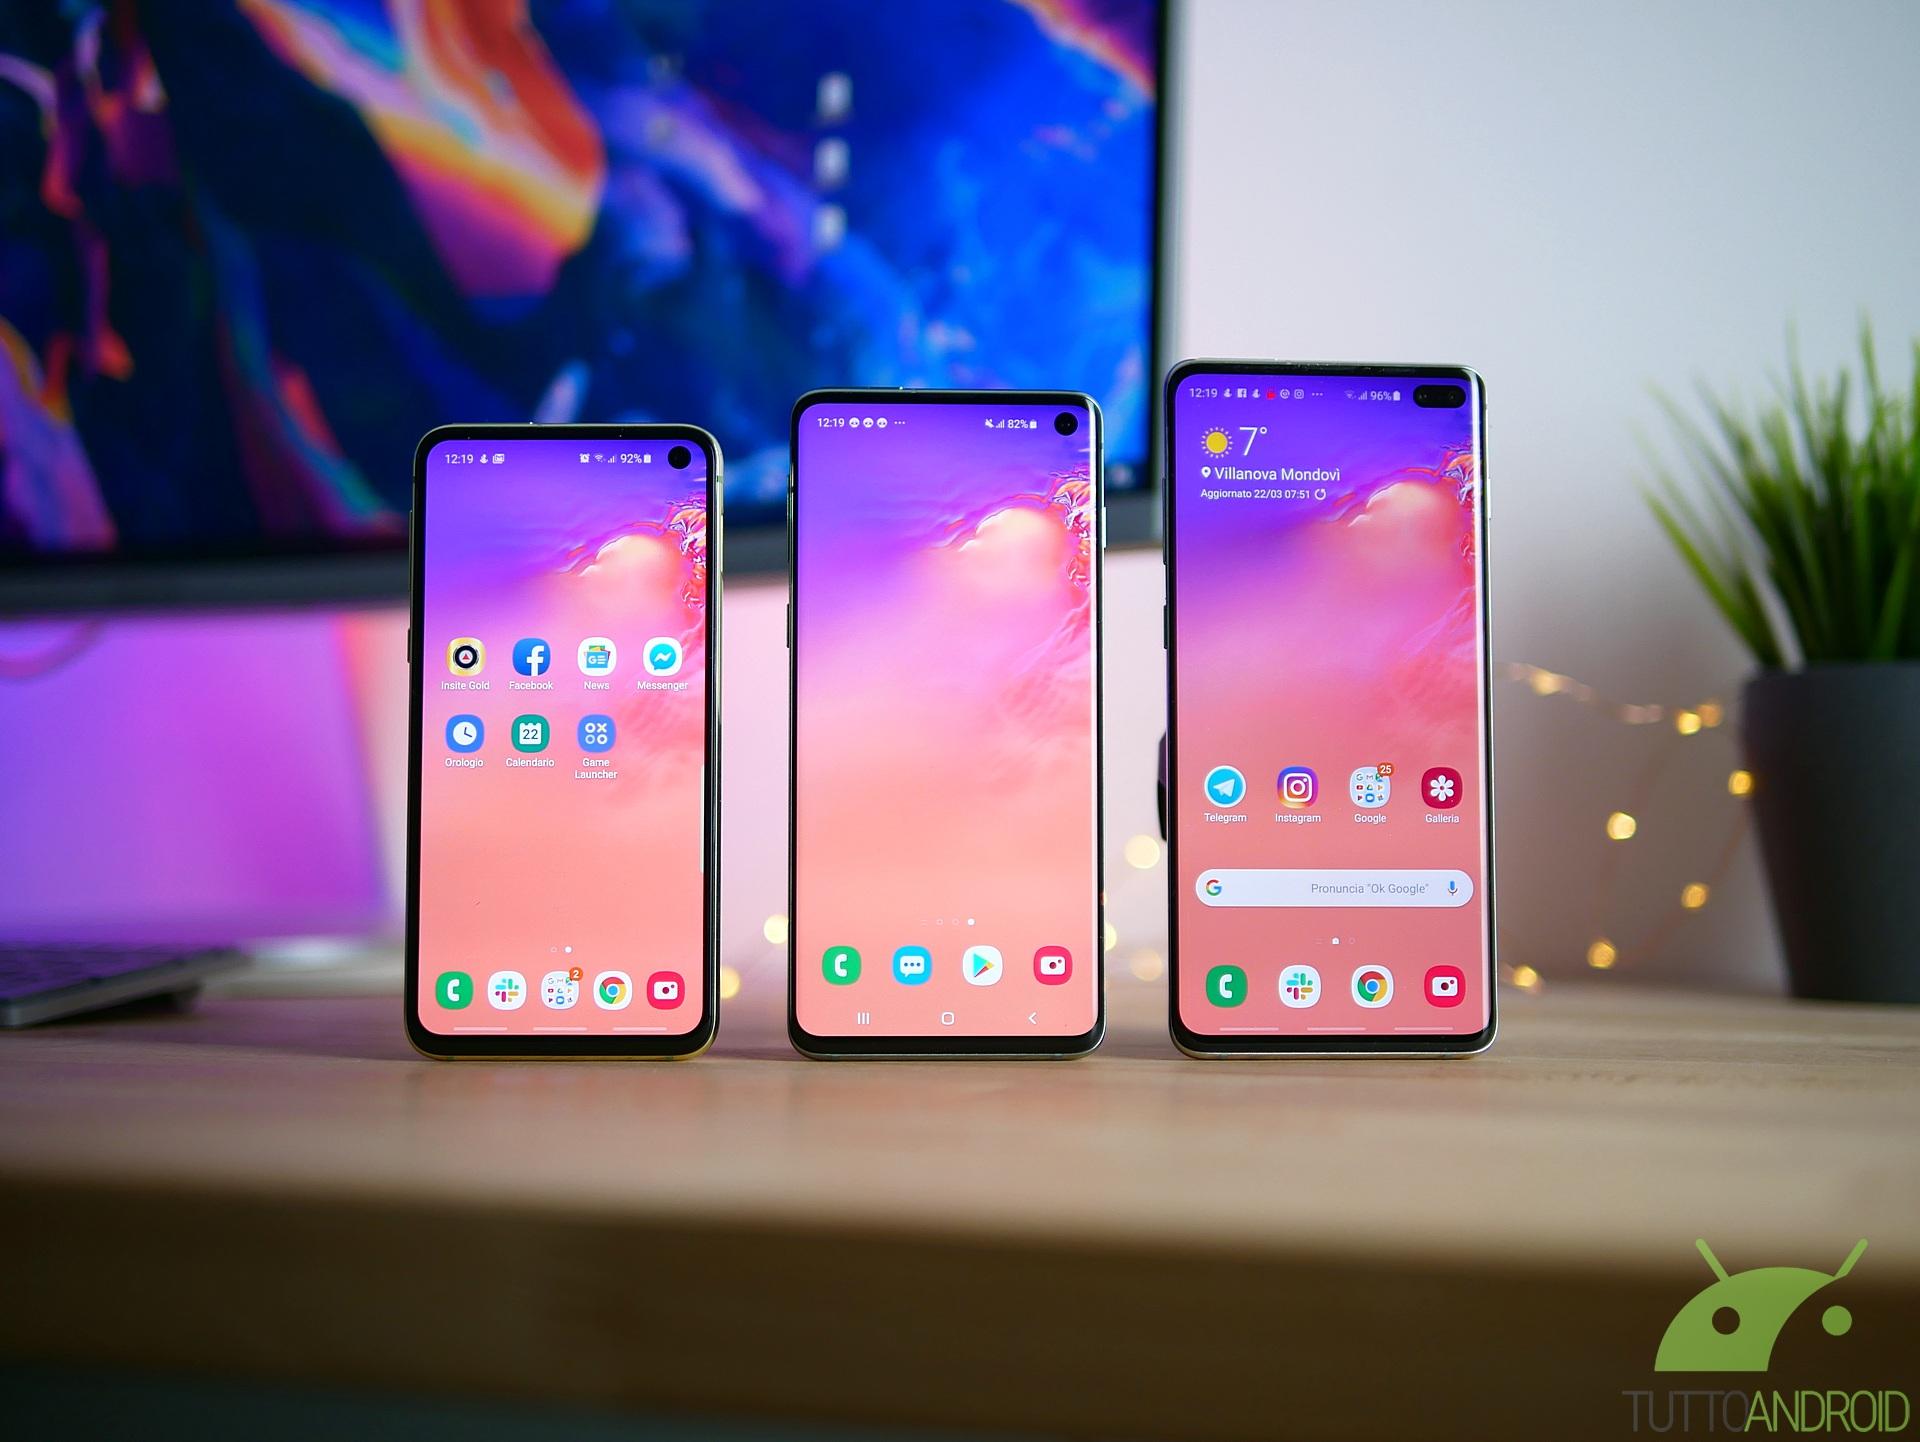 Samsung annuncia Android 10 con One UI 2.0 beta per i Samsun